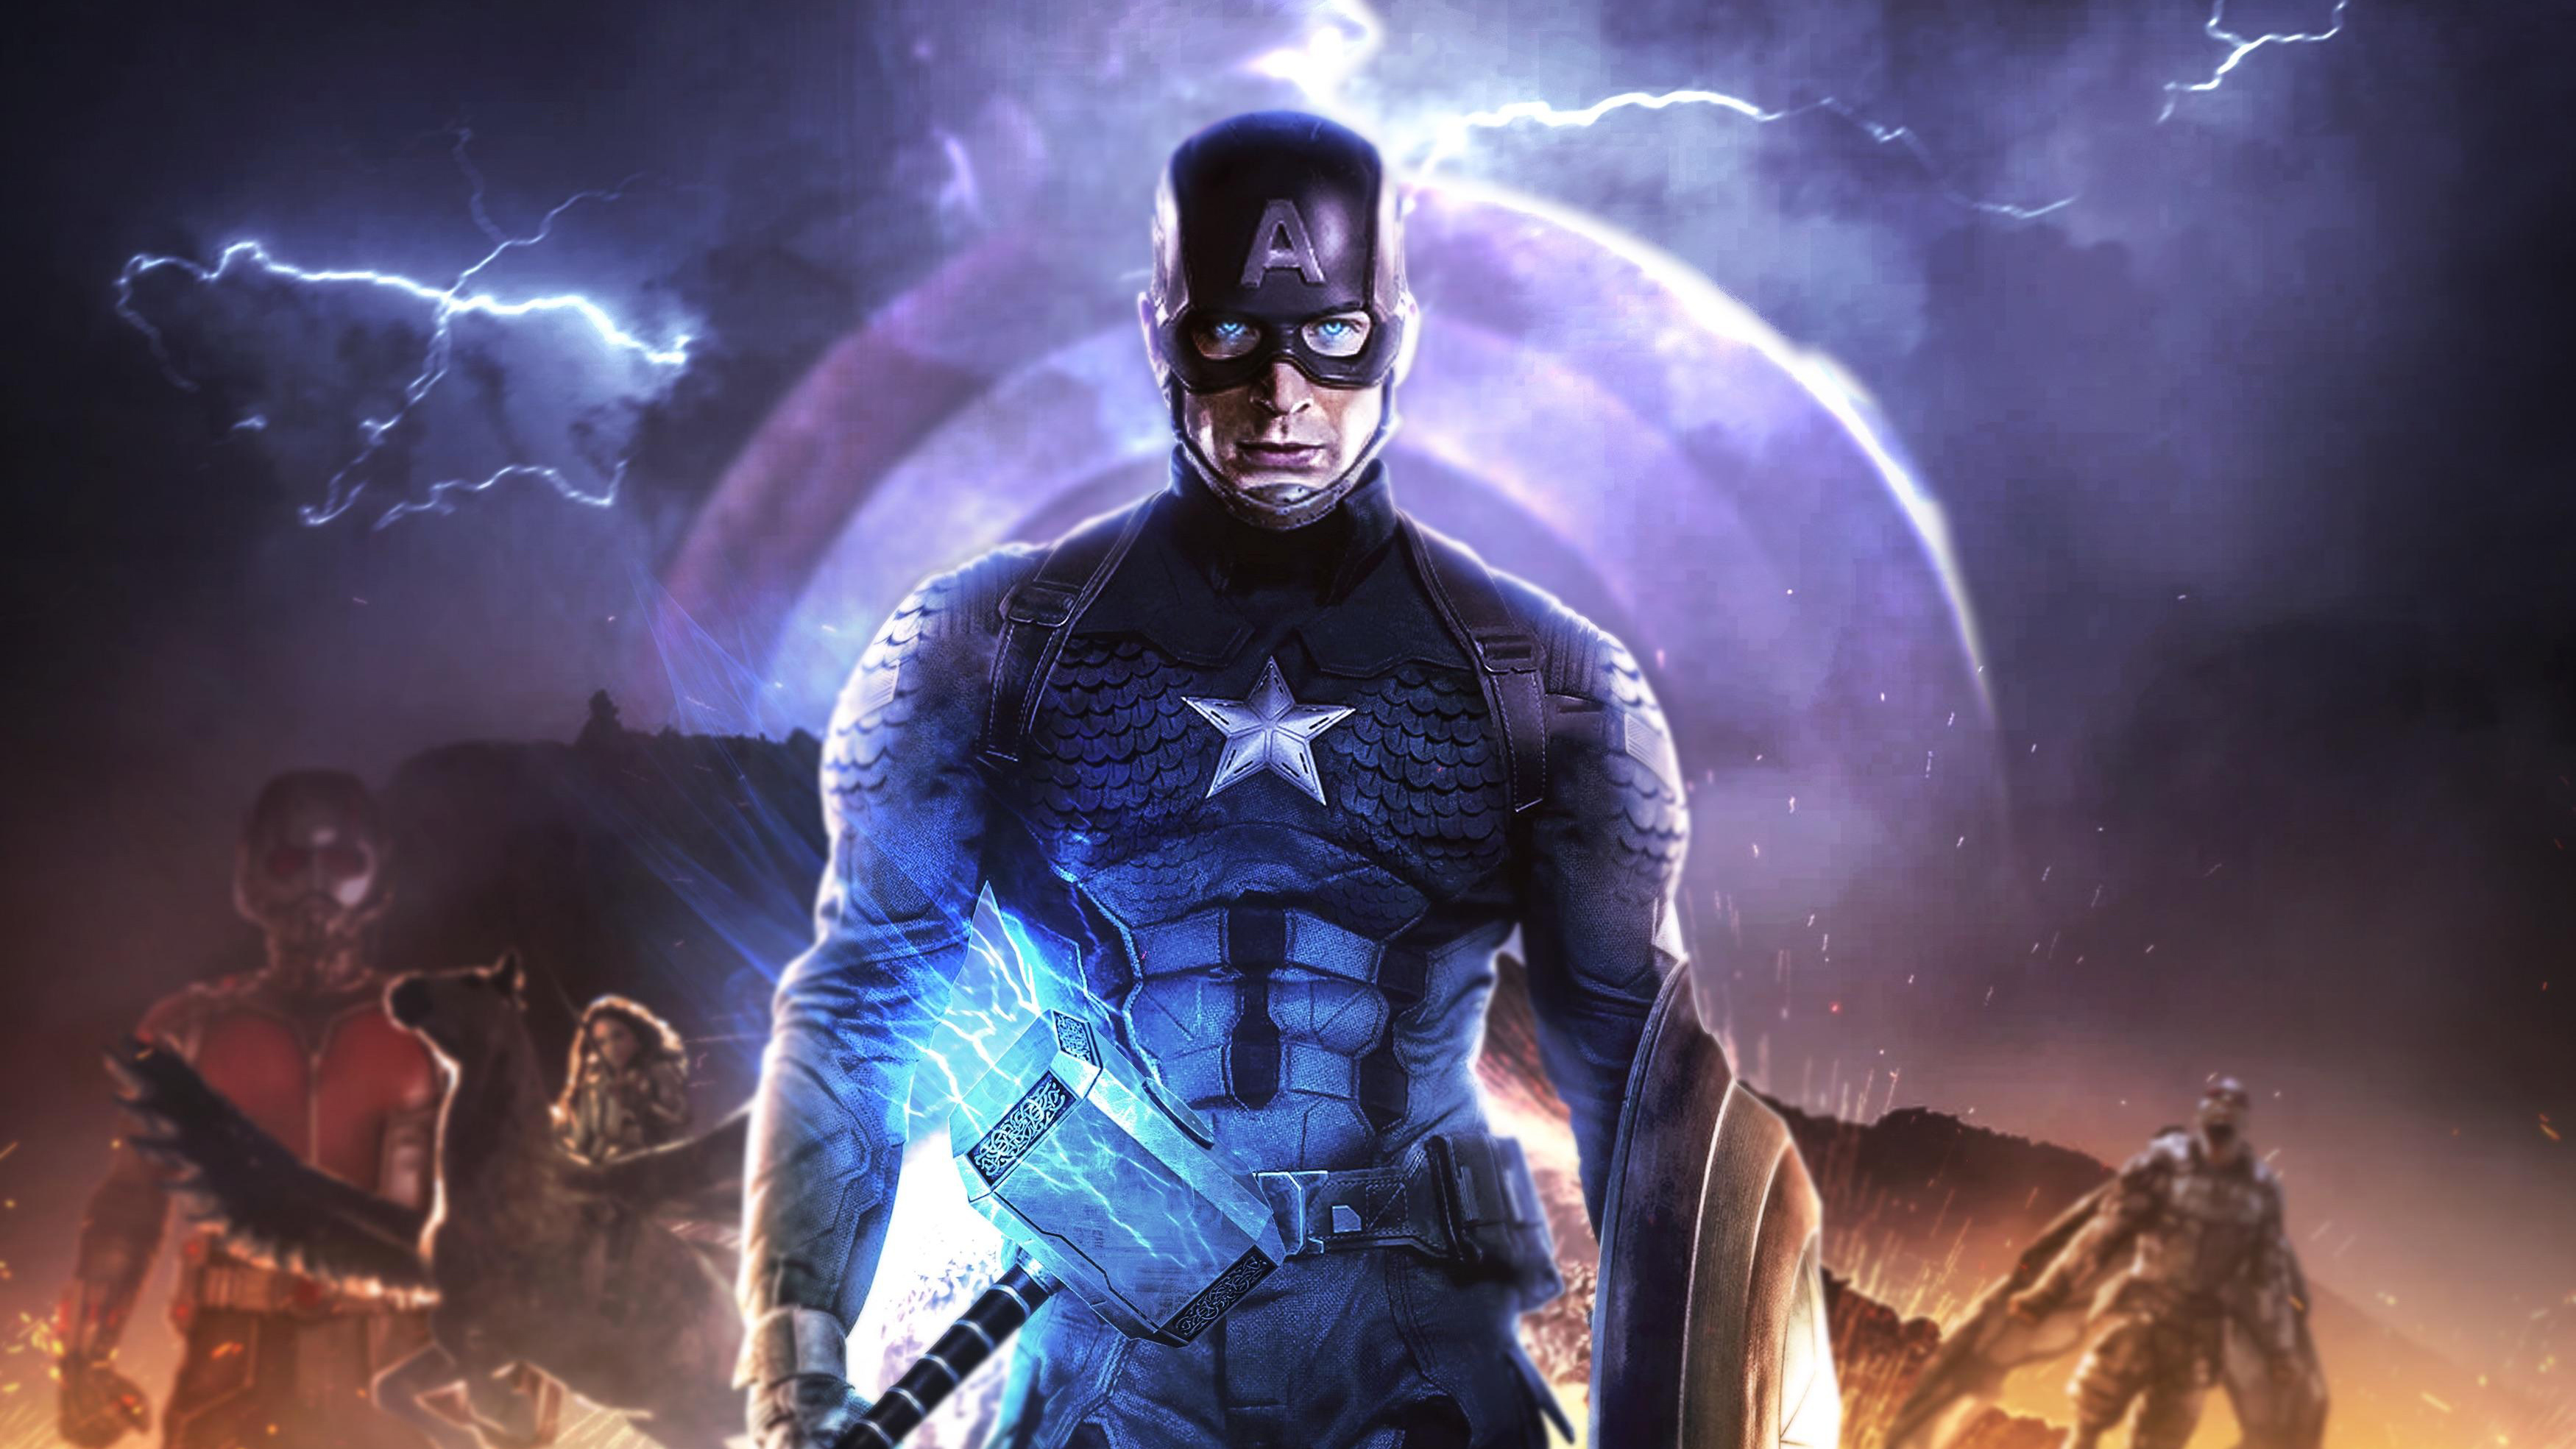 4k Captain America In Avengers Endgame Hd Superheroes 4k